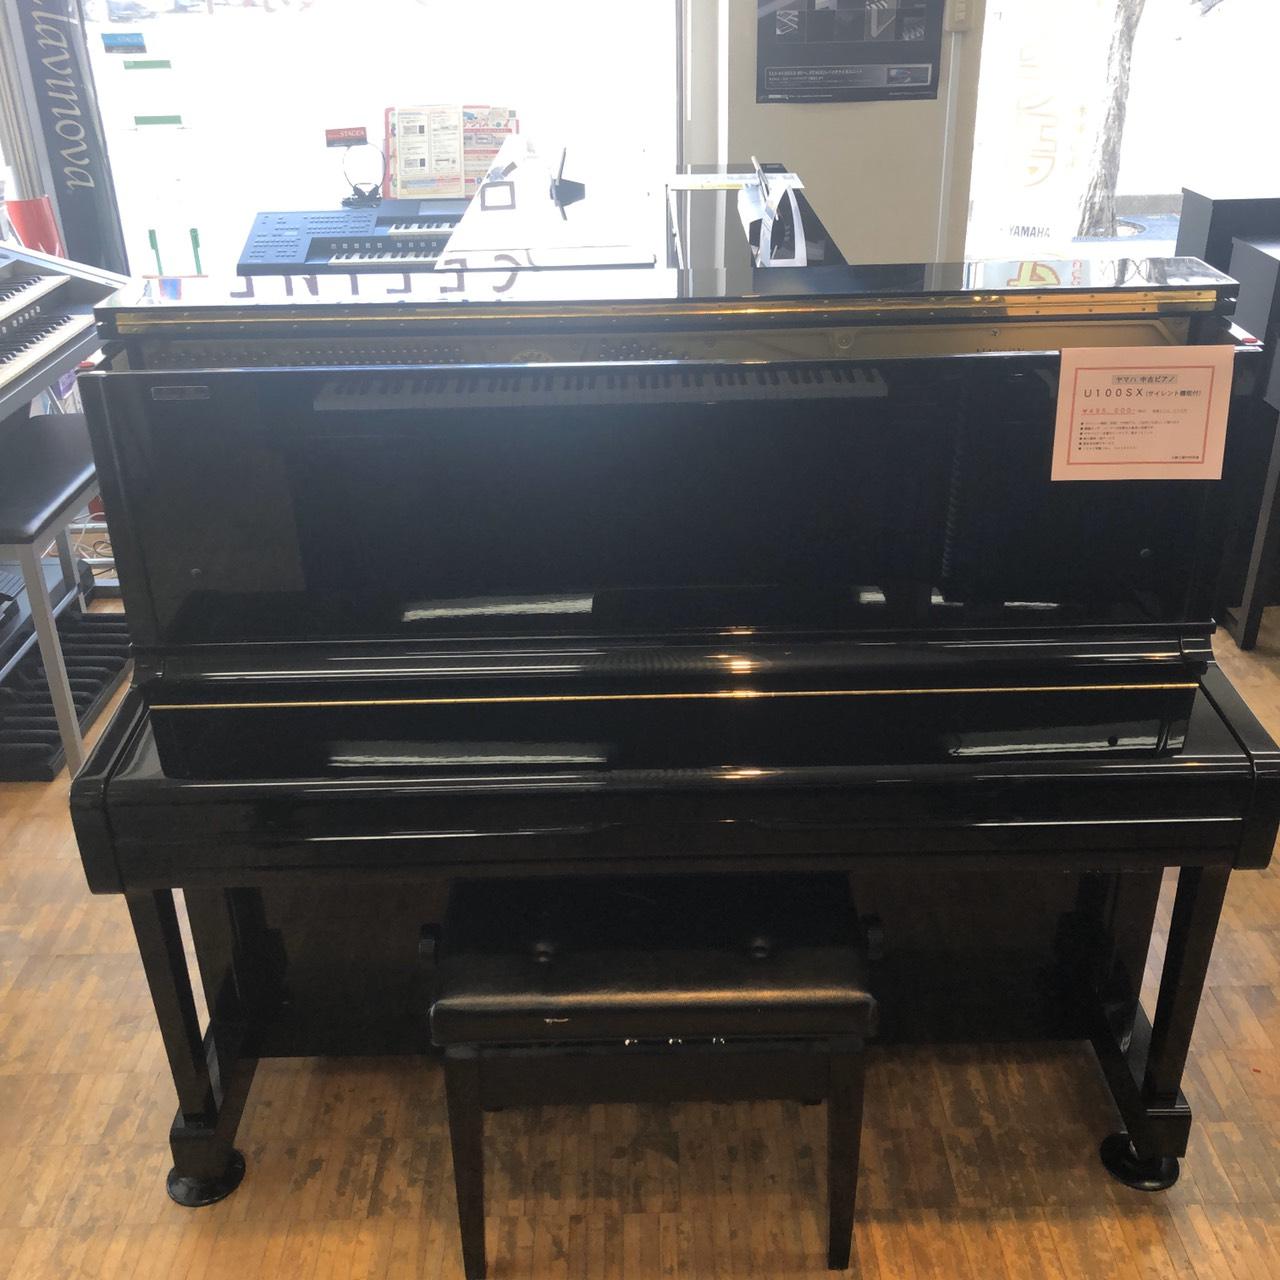 ヤマハ中古アップライトピアノU100SX(消音機能付 税込み495,000円)